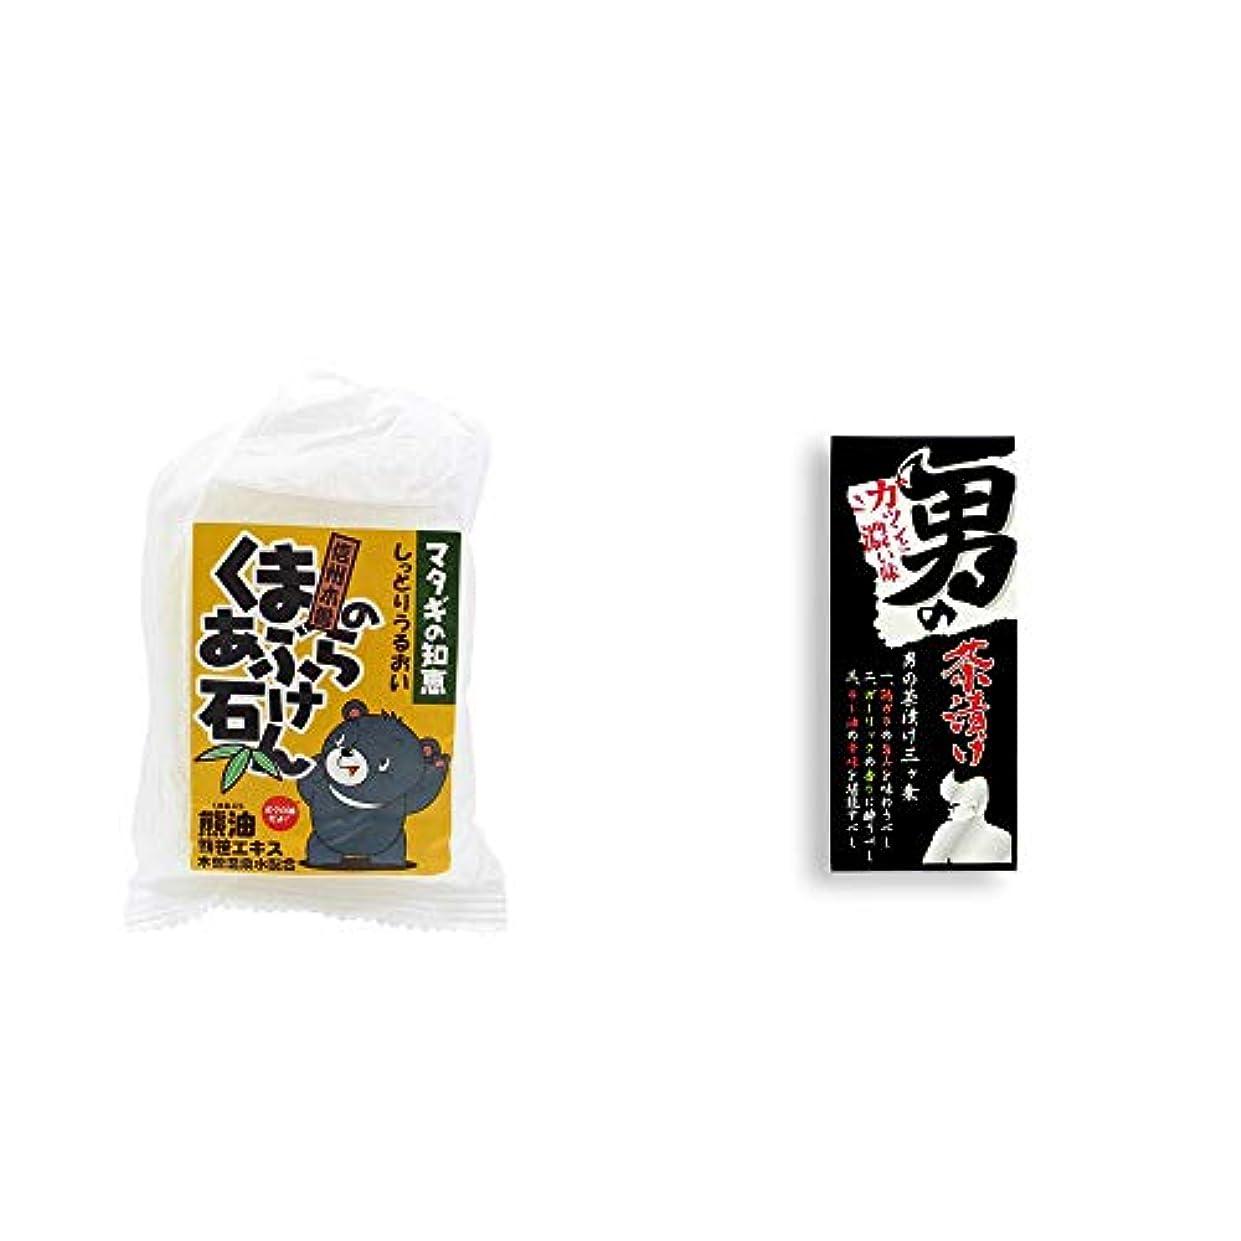 かんがいハチ労苦[2点セット] 信州木曽 くまのあぶら石けん(80g)?男の茶漬け(4.8g×8袋)